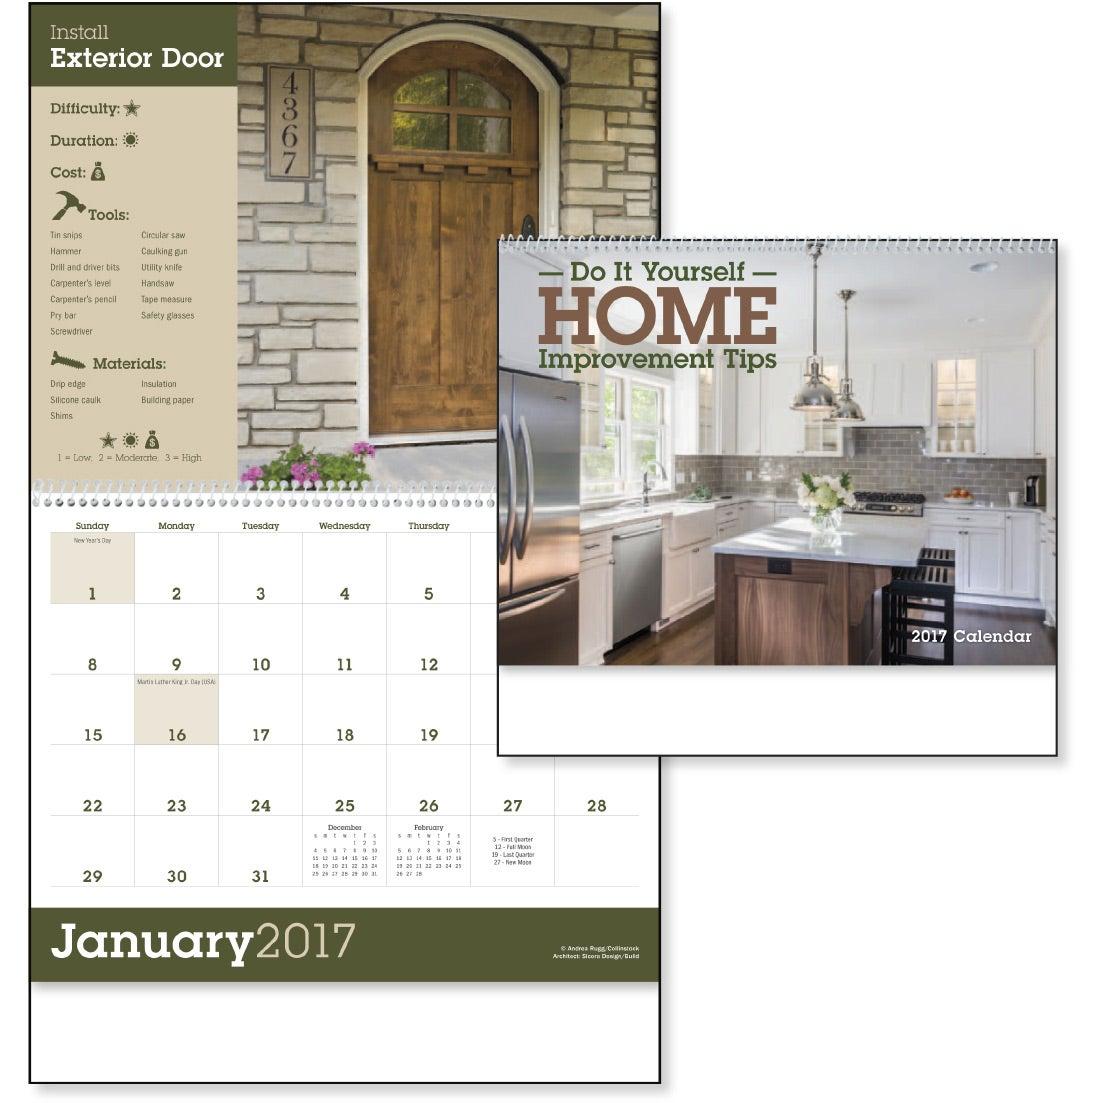 home-improvementips-calendar-superextral